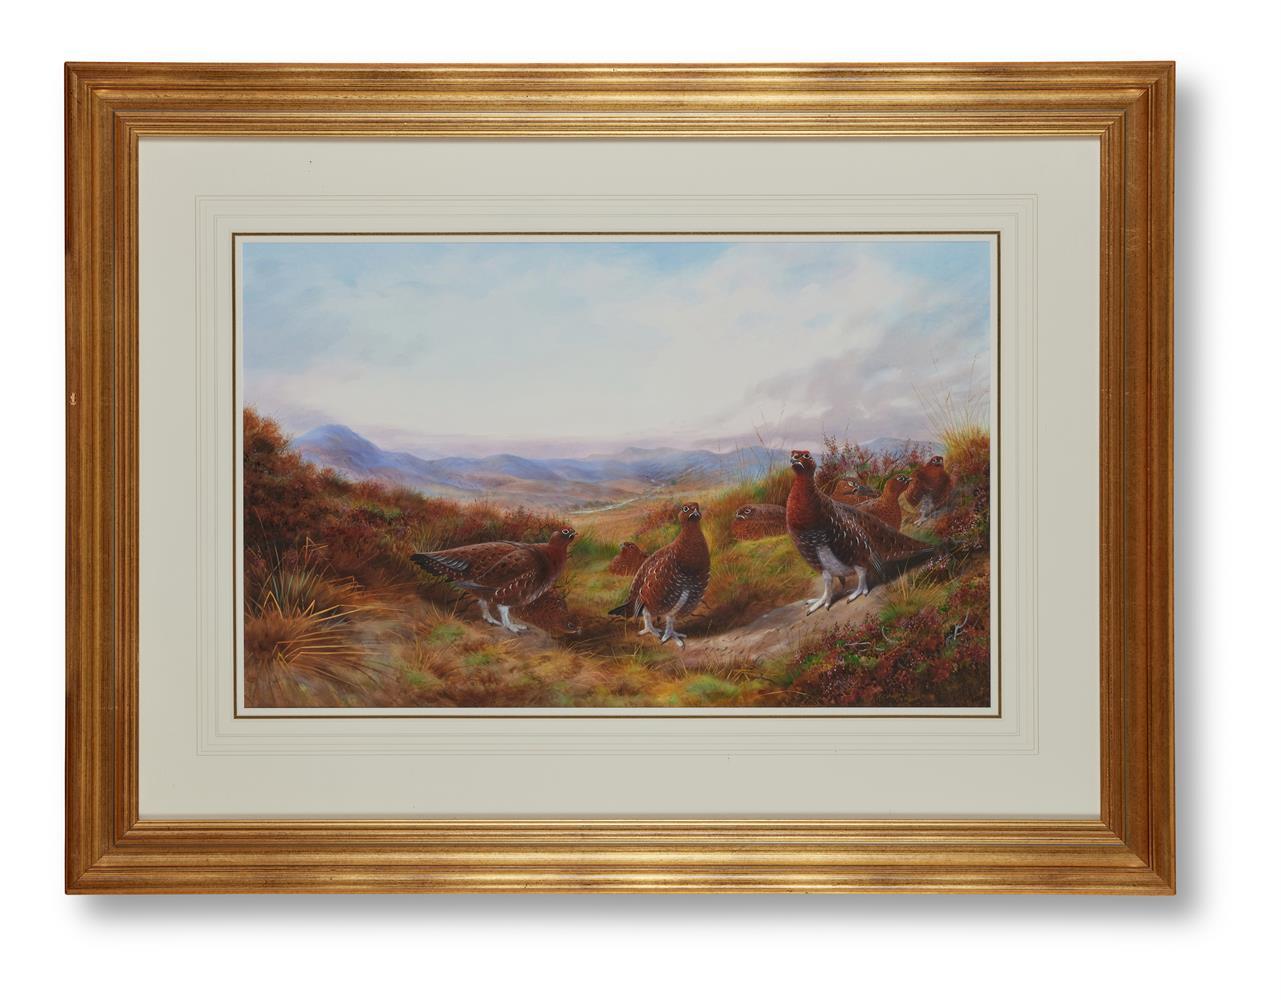 λ RICHARD DAVID KRISTUPAS (BRITISH B.1954), GROUSE IN A MOORLAND LANDSCAPE